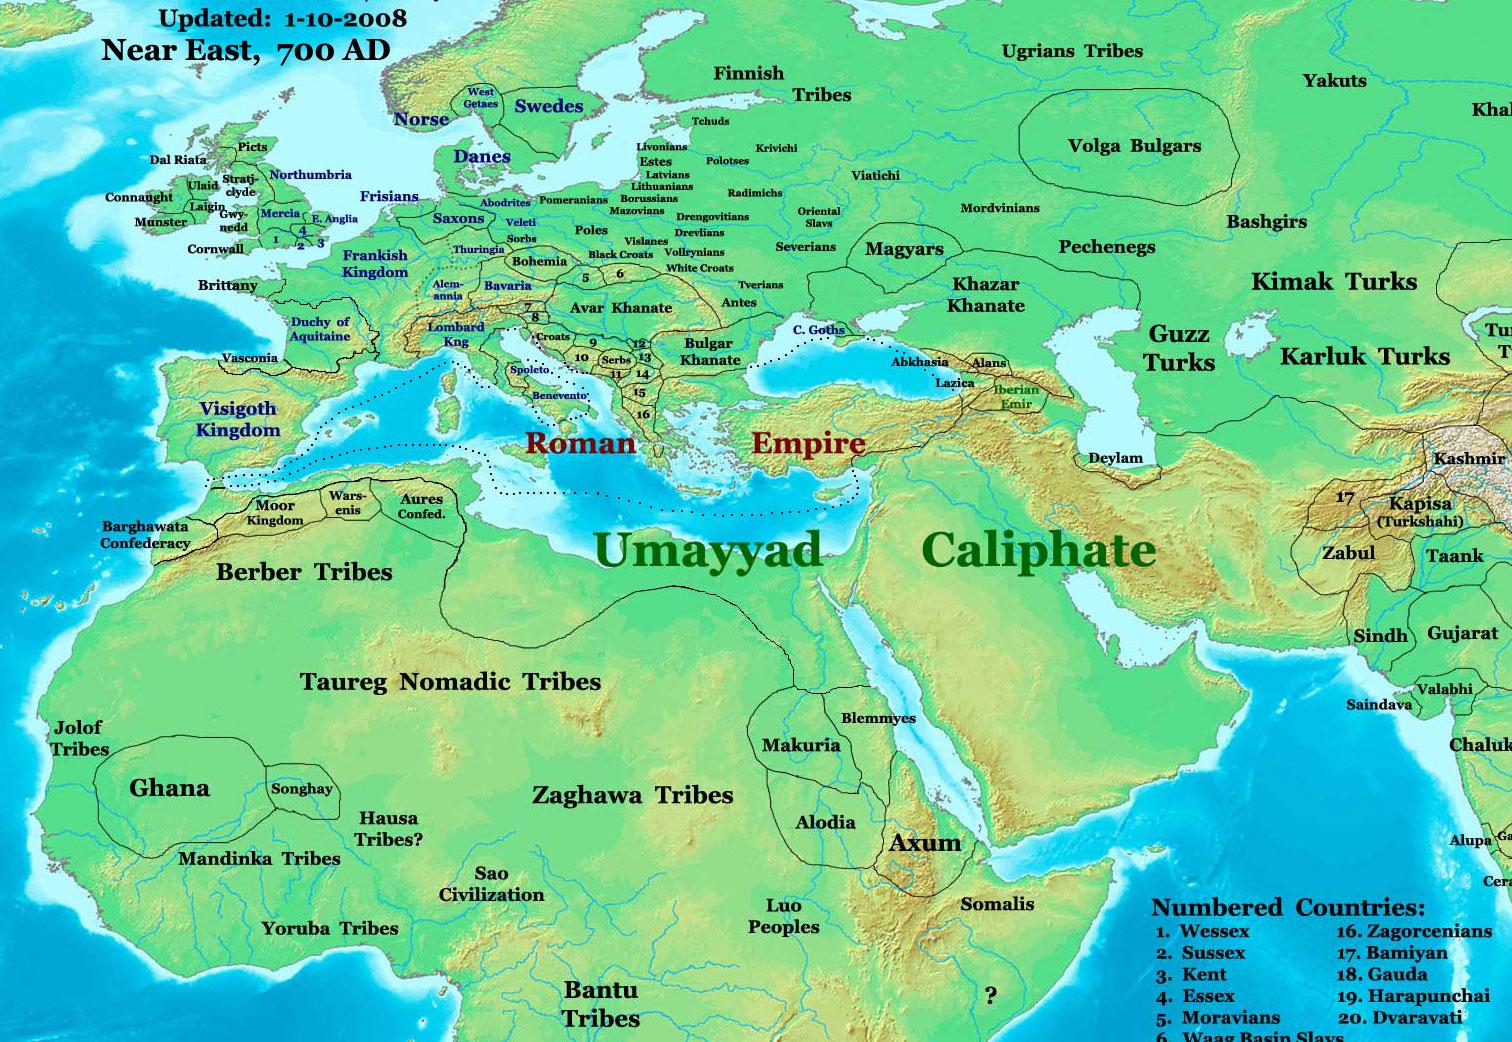 Download ePub PDF eBook » map eastern world